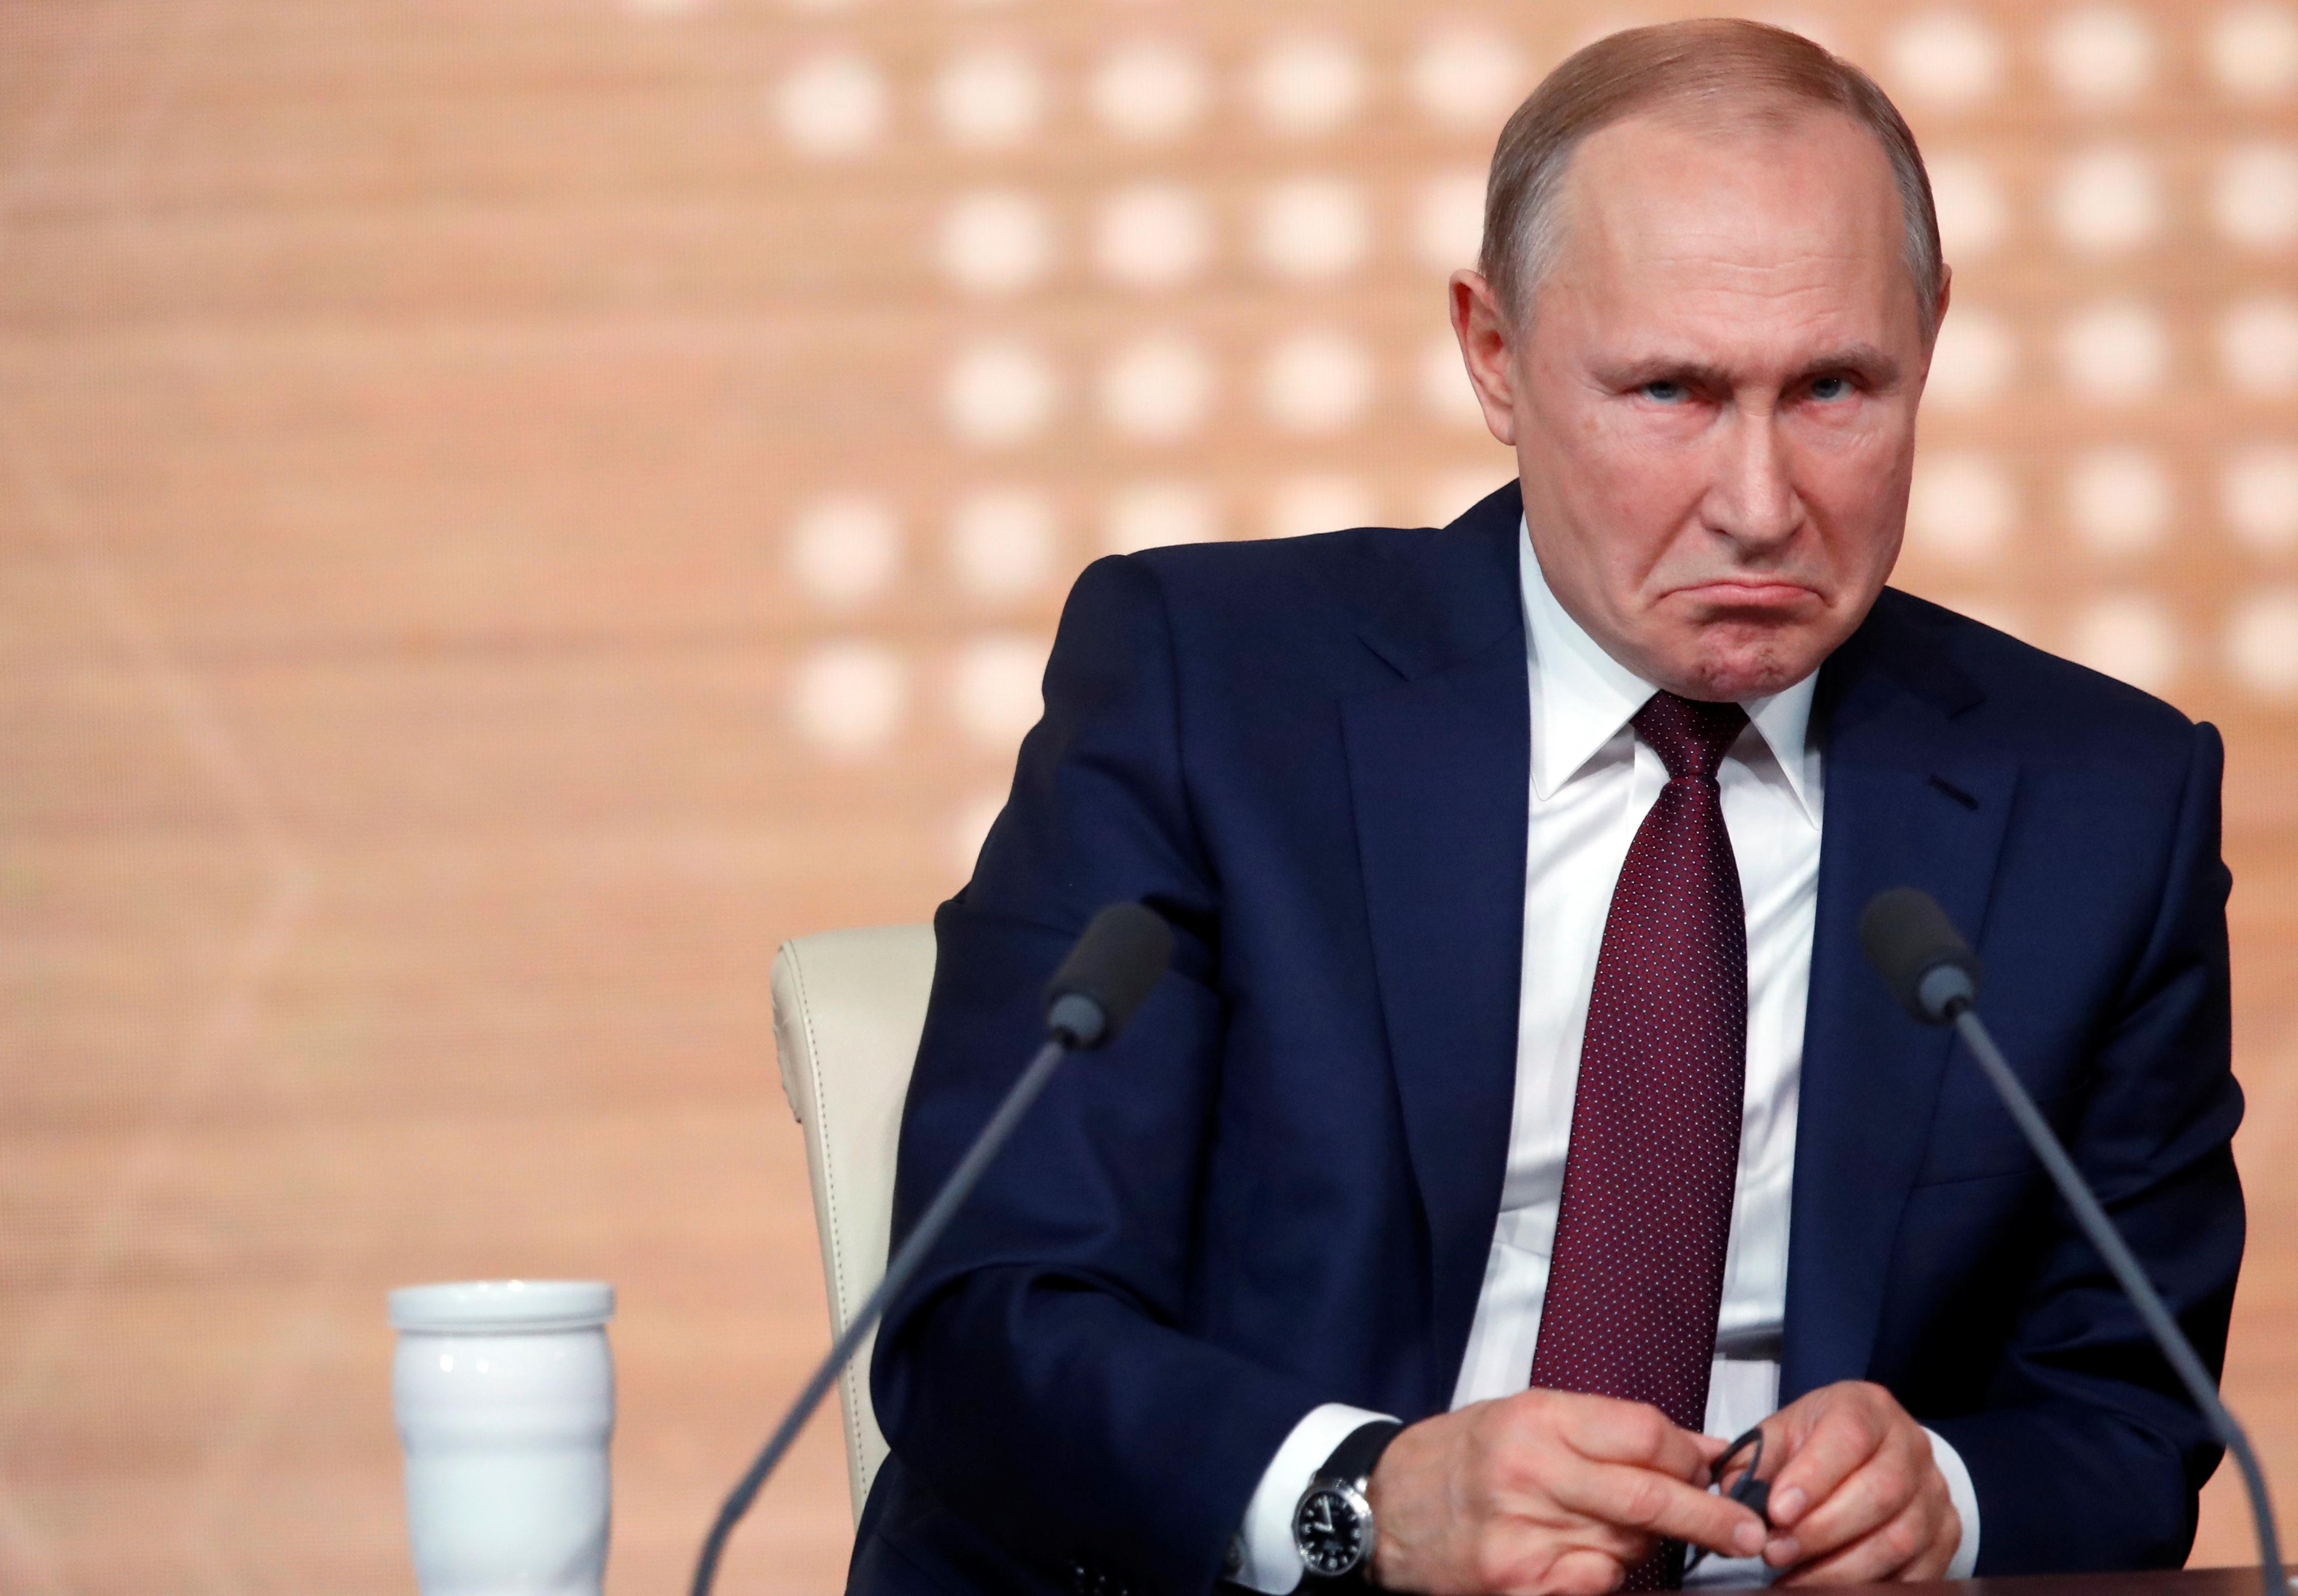 Злой Одессит показал как Владимир Путин снова соврал о боевиках Донбасса -  новости Украина | СЕГОДНЯ